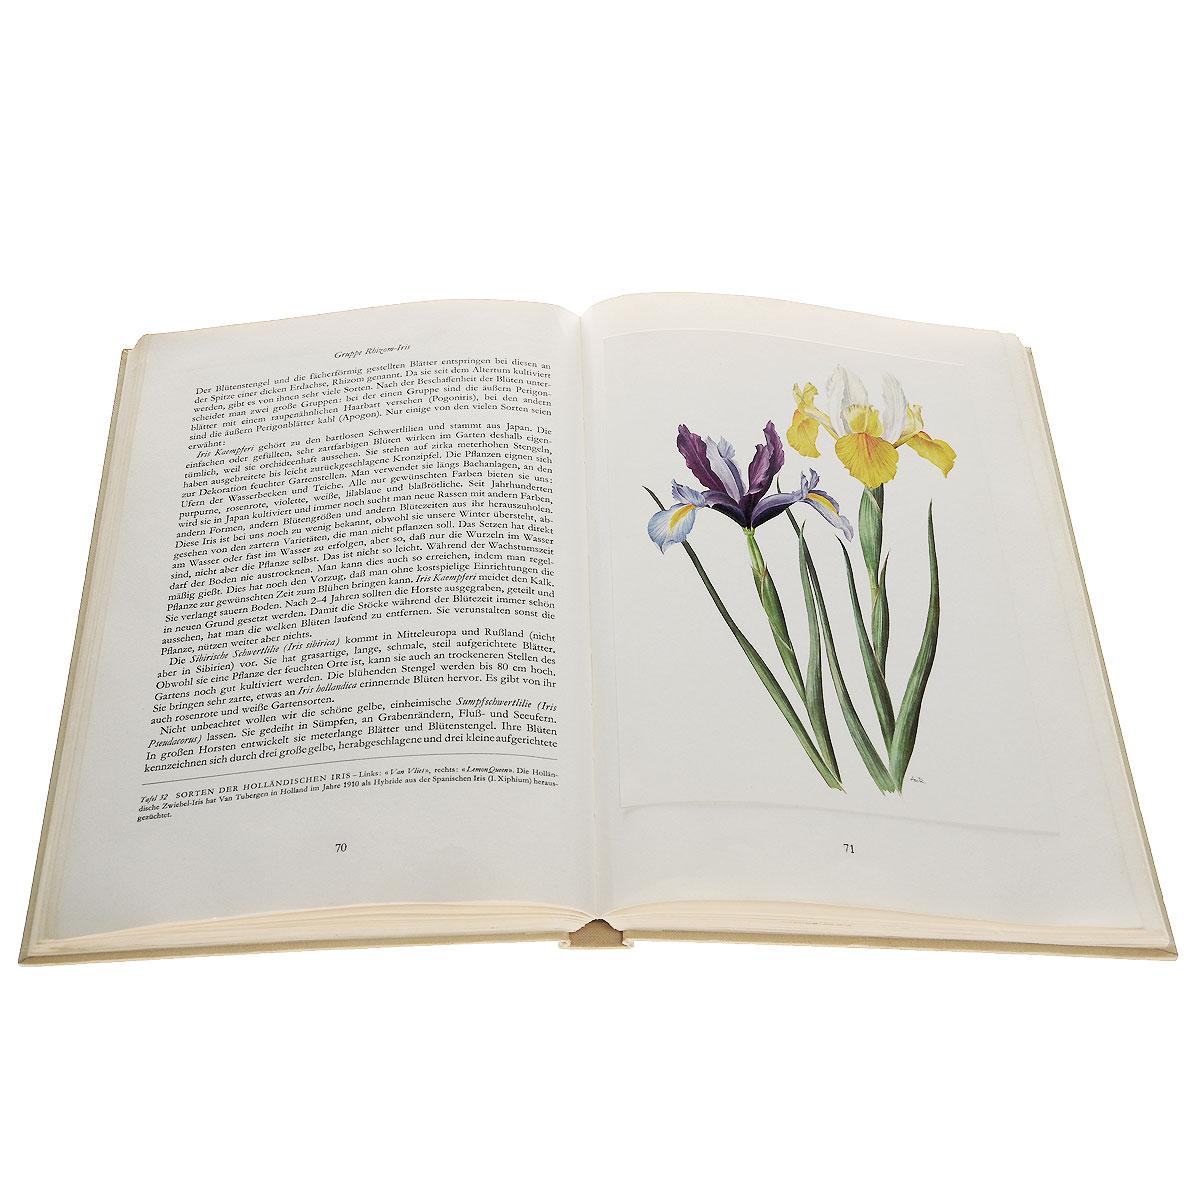 Wunderwelt der Gartenblumen: Band 1: Zwiebel- und Knollenpelanzen